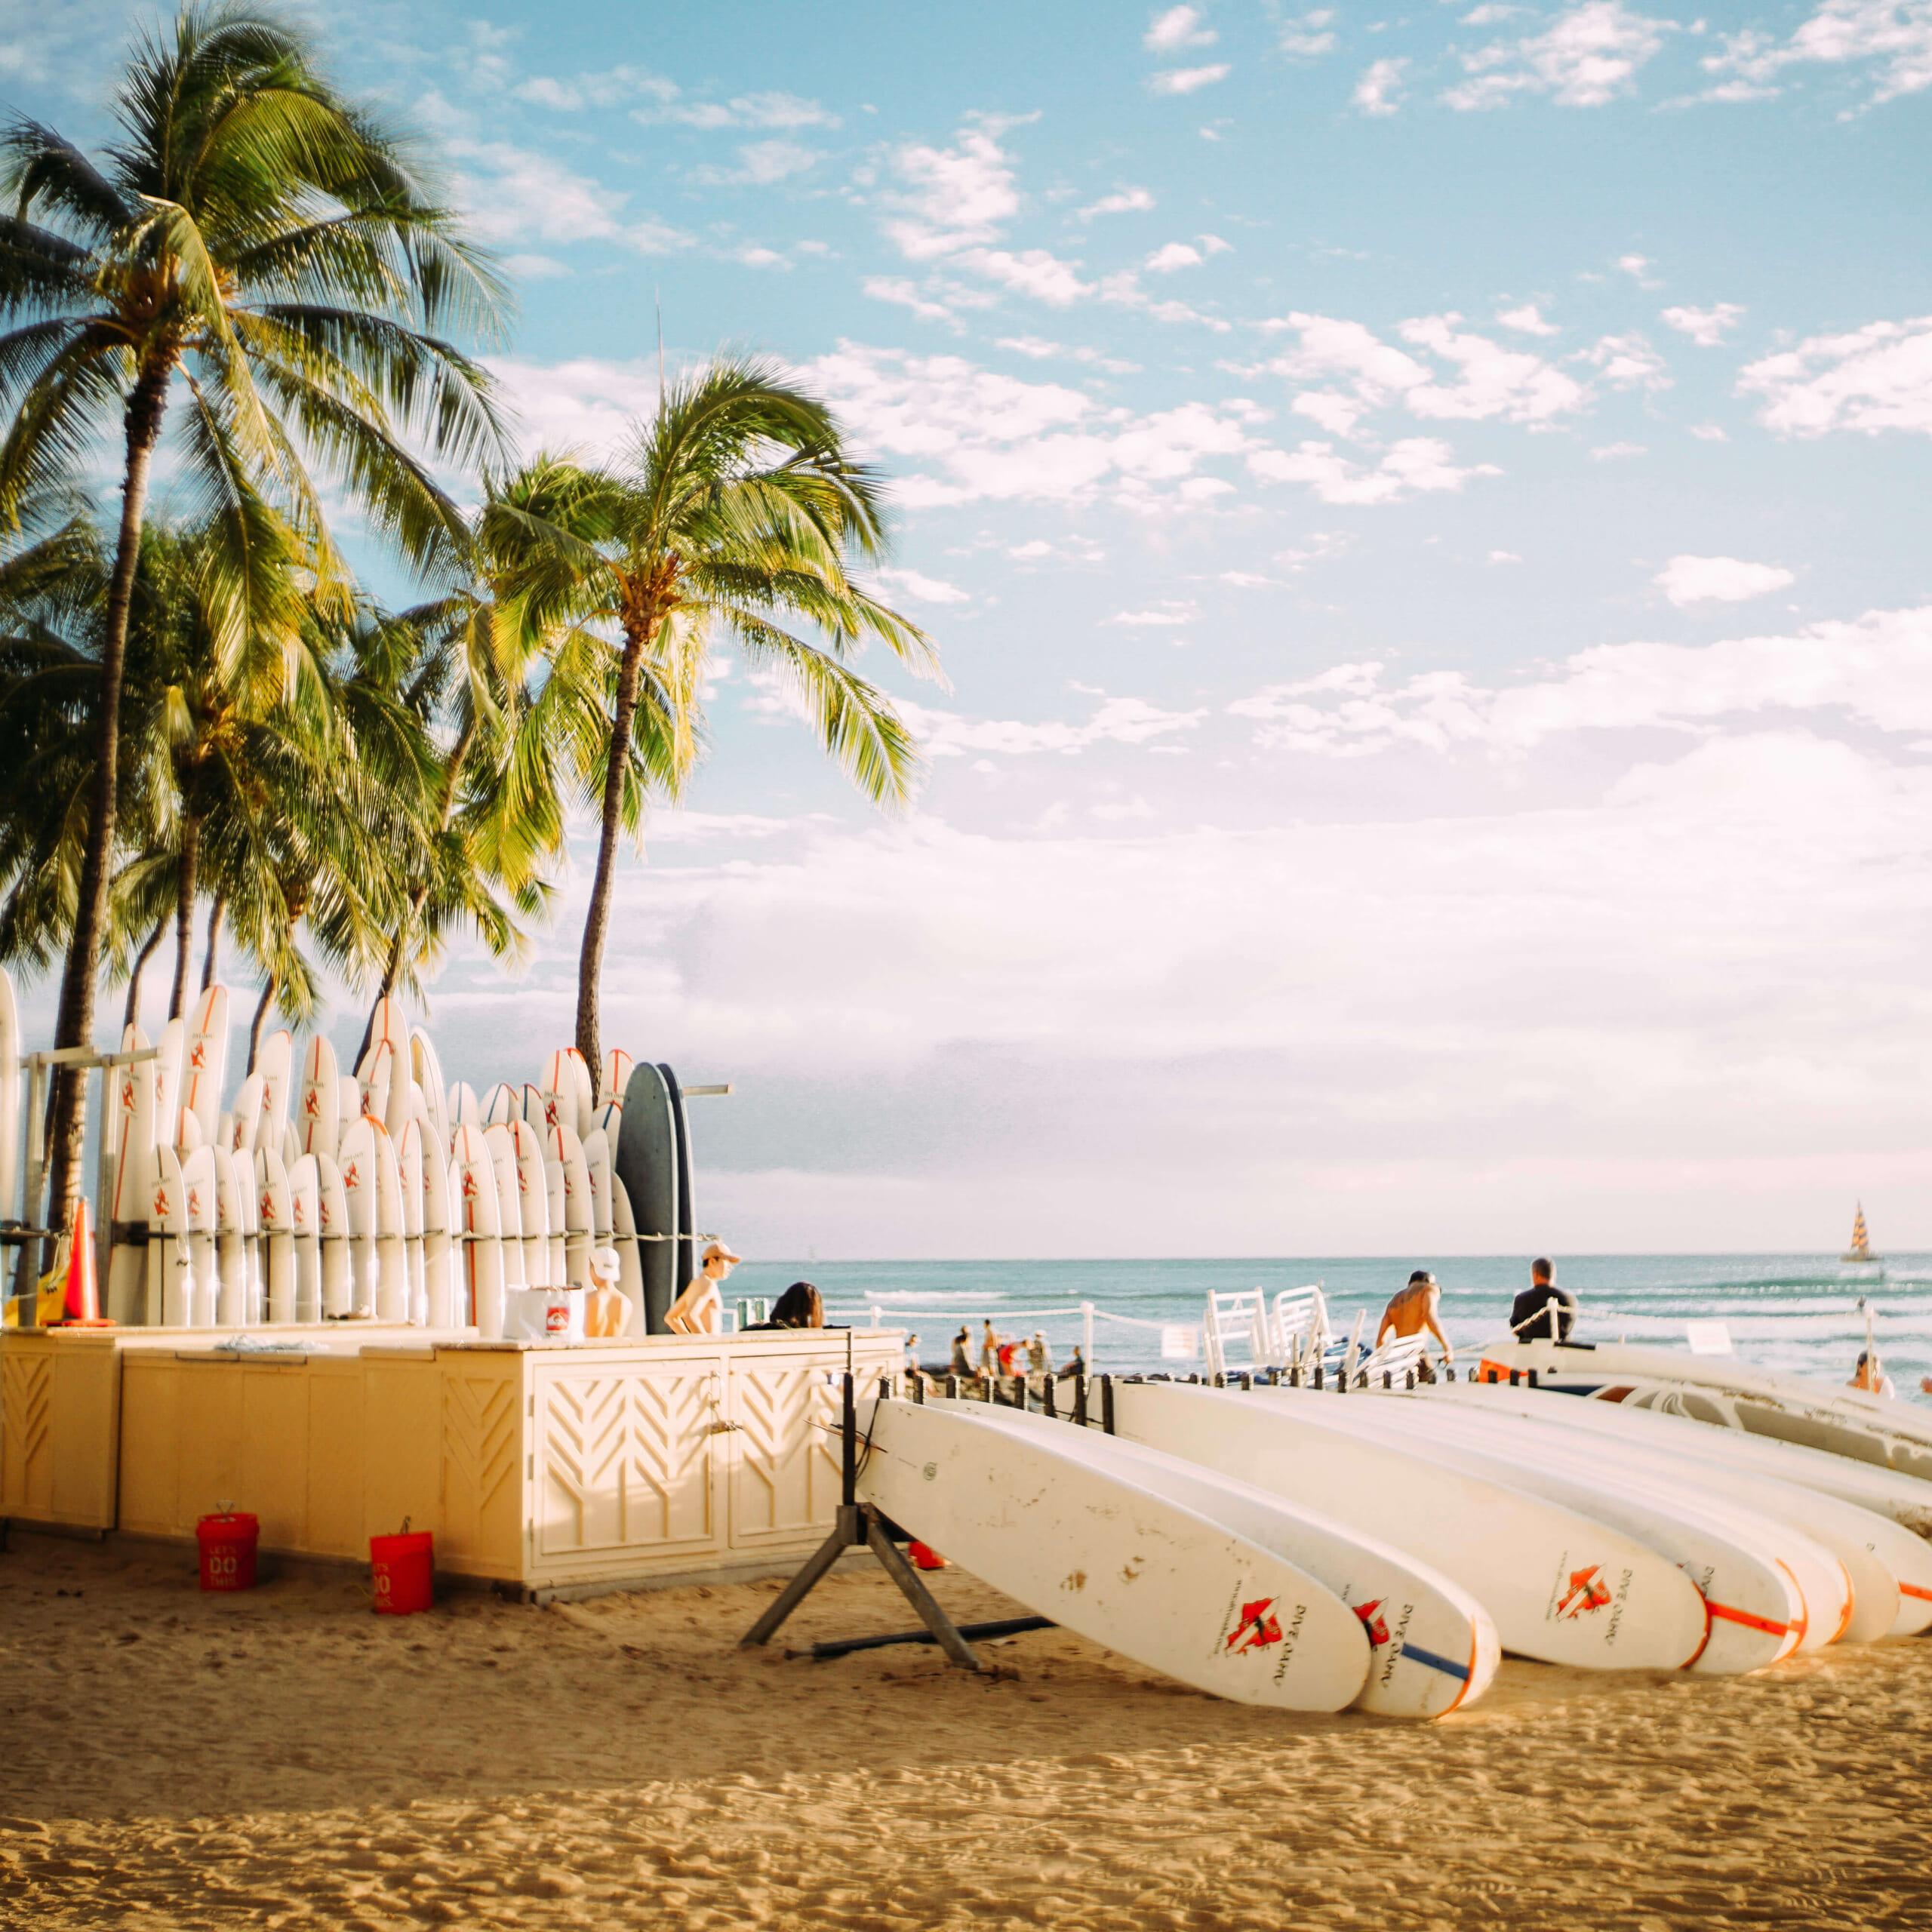 ハワイでのマリンアクティビティ